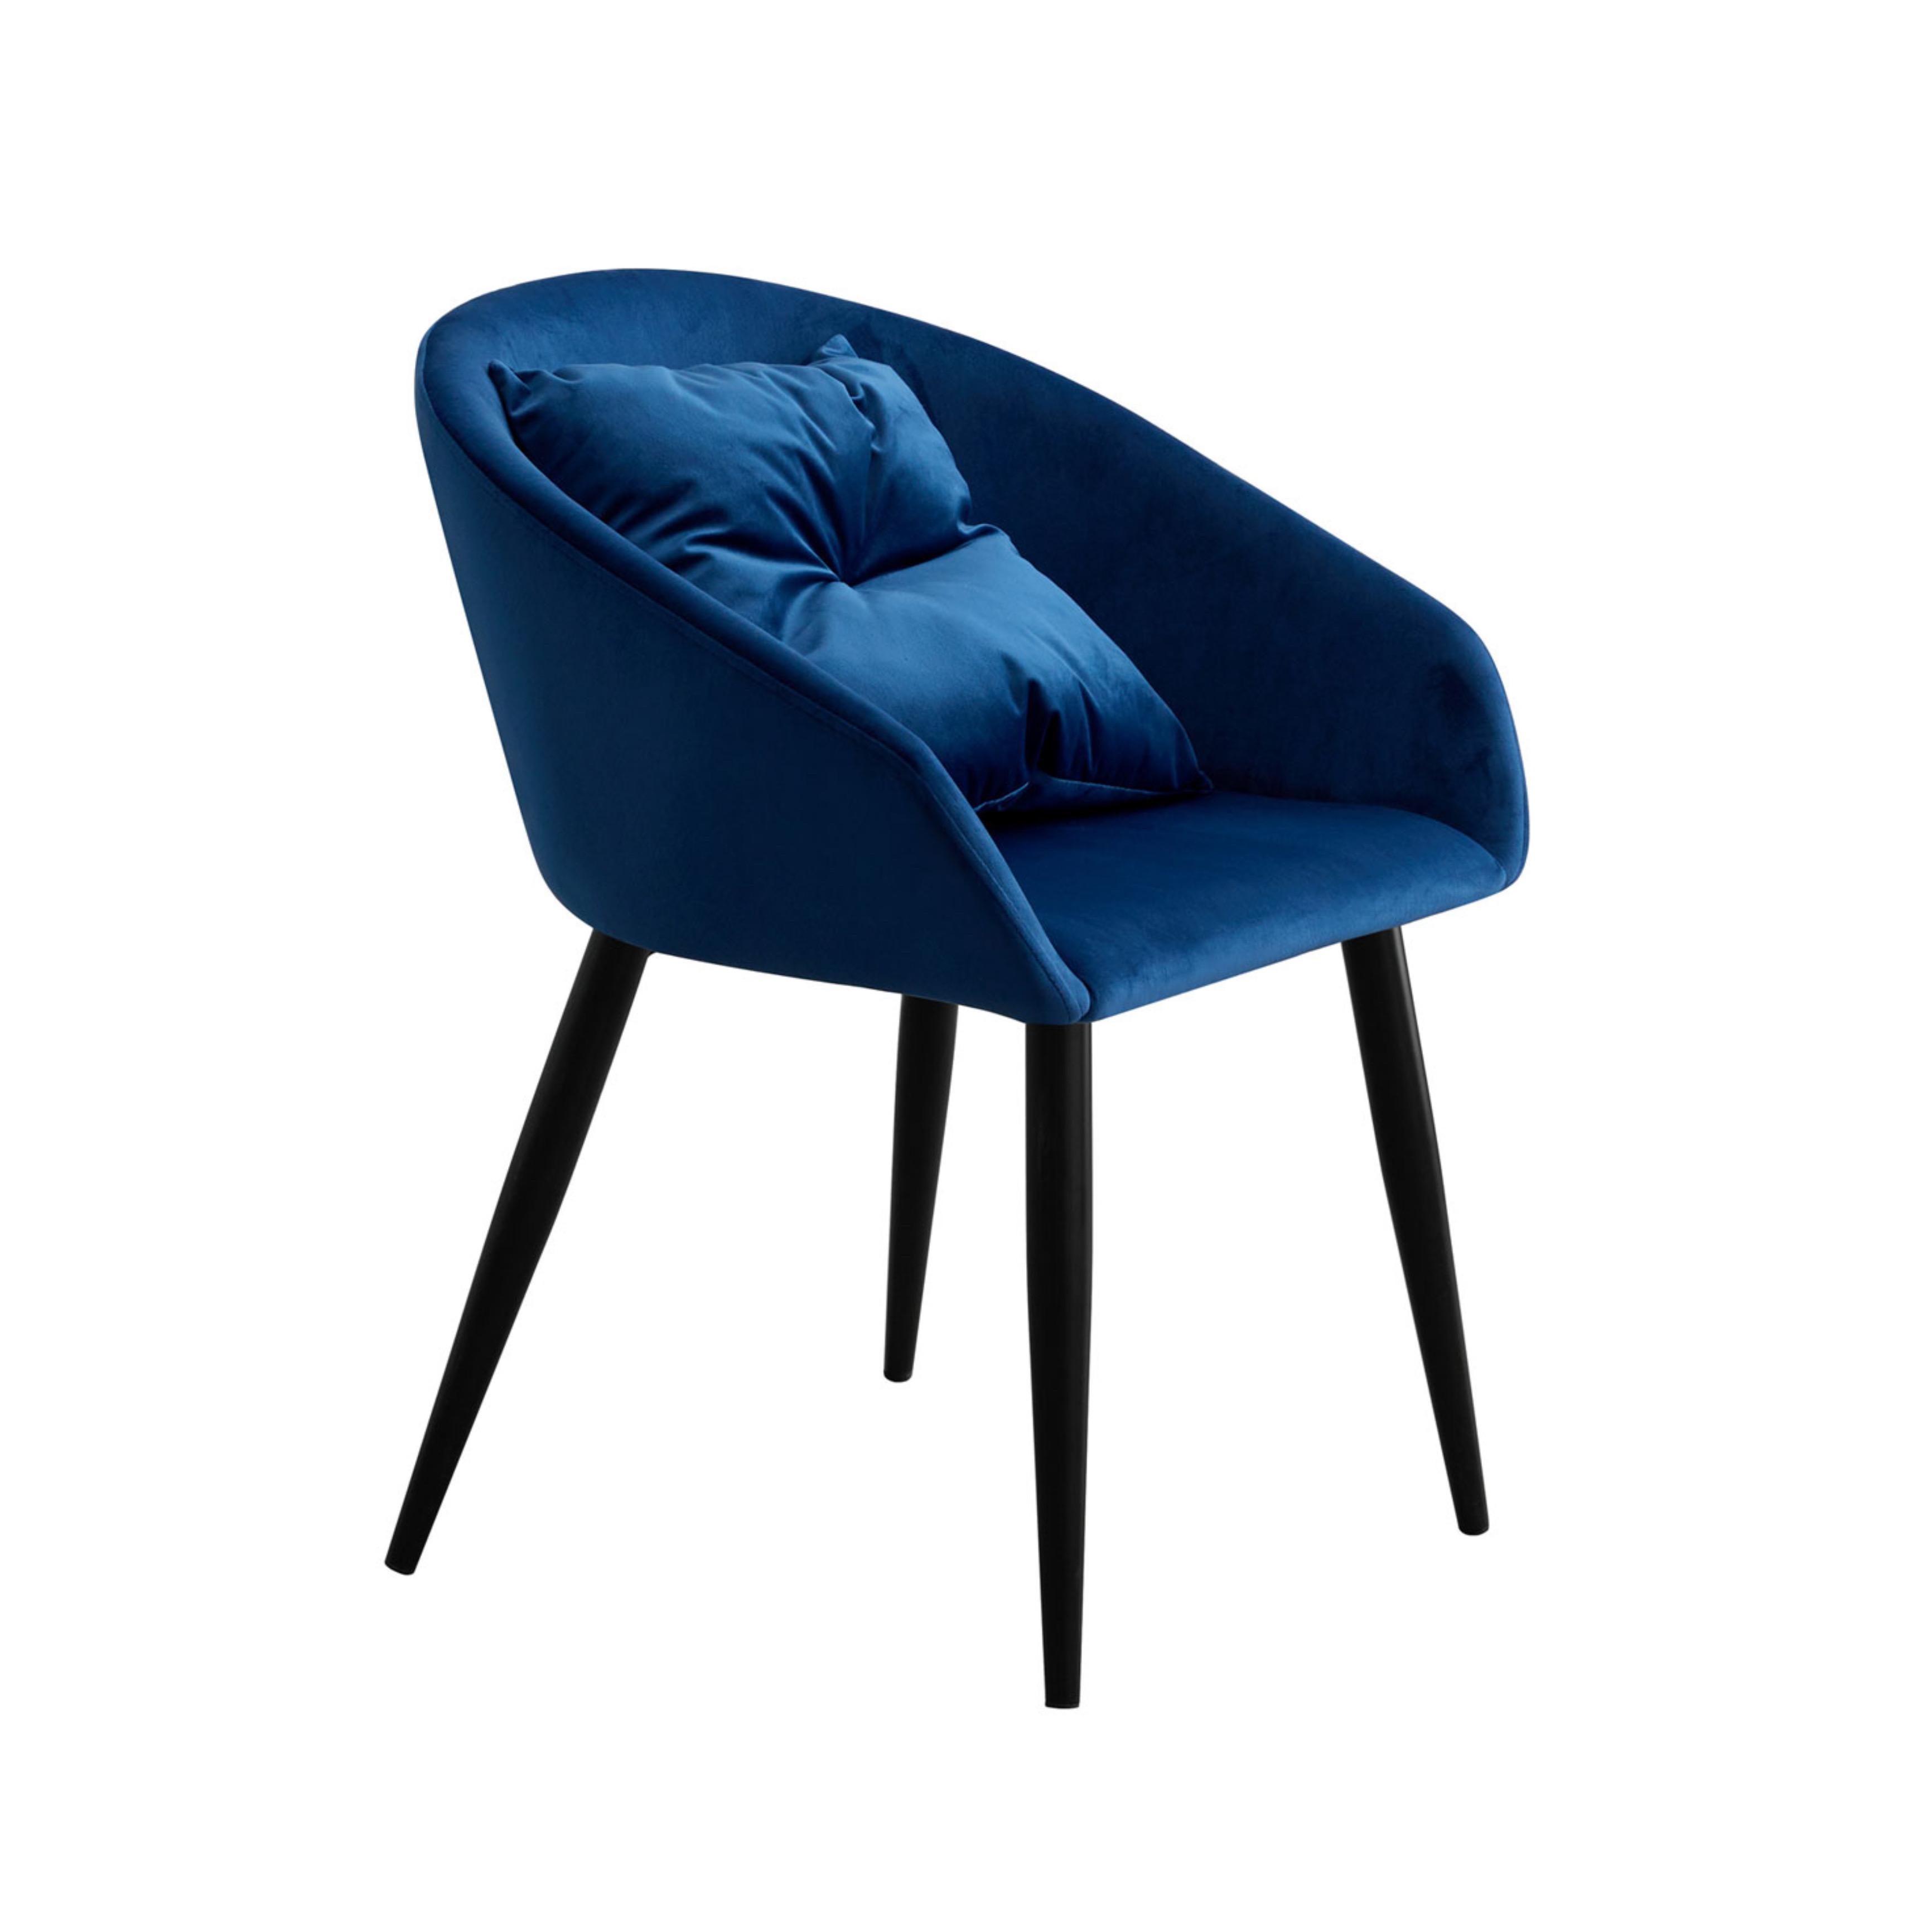 29503-pack-2-sillas-velvet-azul.jpeg